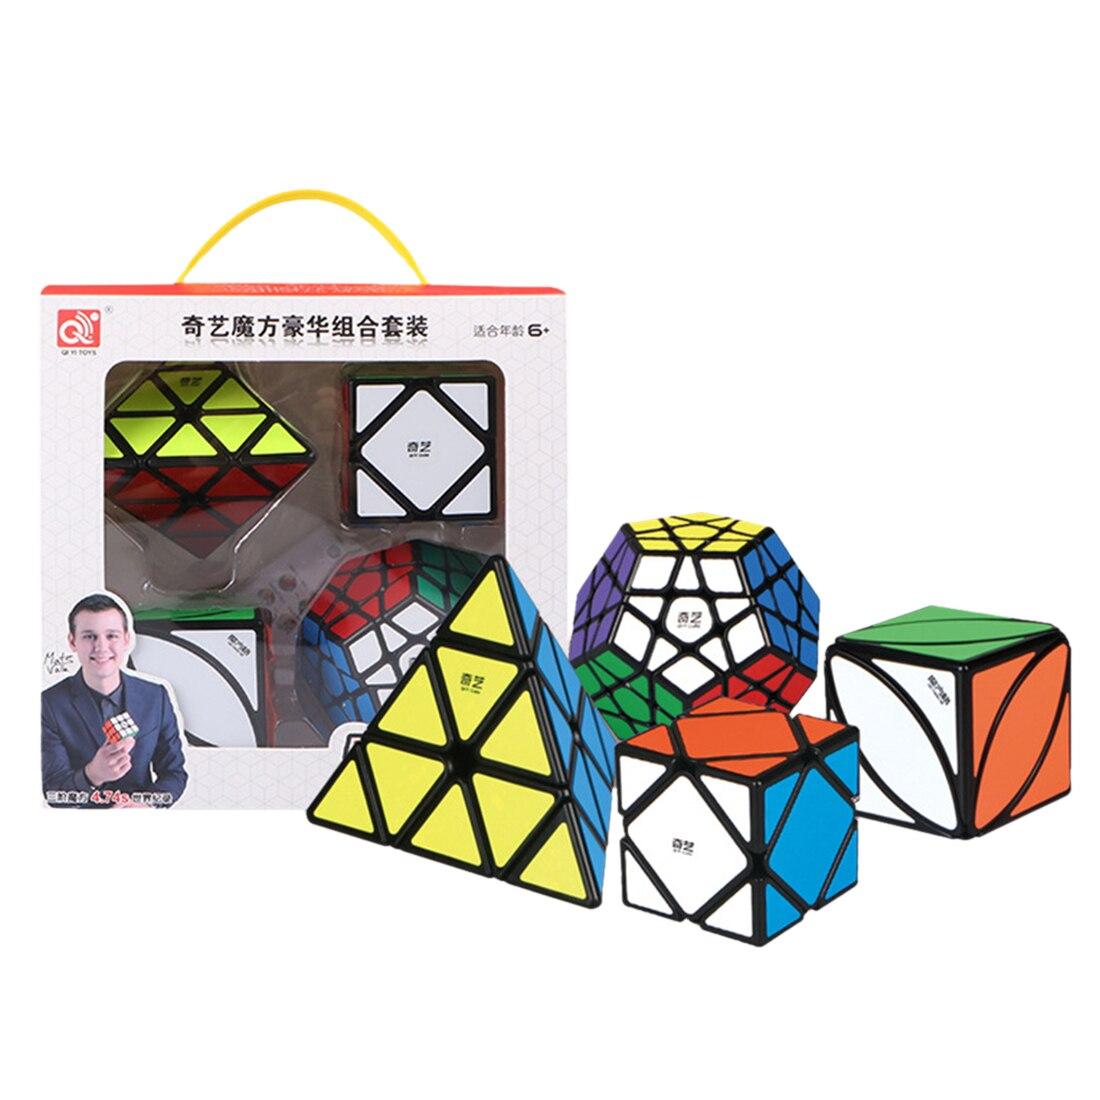 QIYI 12 lados inclinación Lvy Cubo mágico Cubo rompecabezas velocidad Set negro profesional Cubo Magico juguetes para niños con caja de regalo